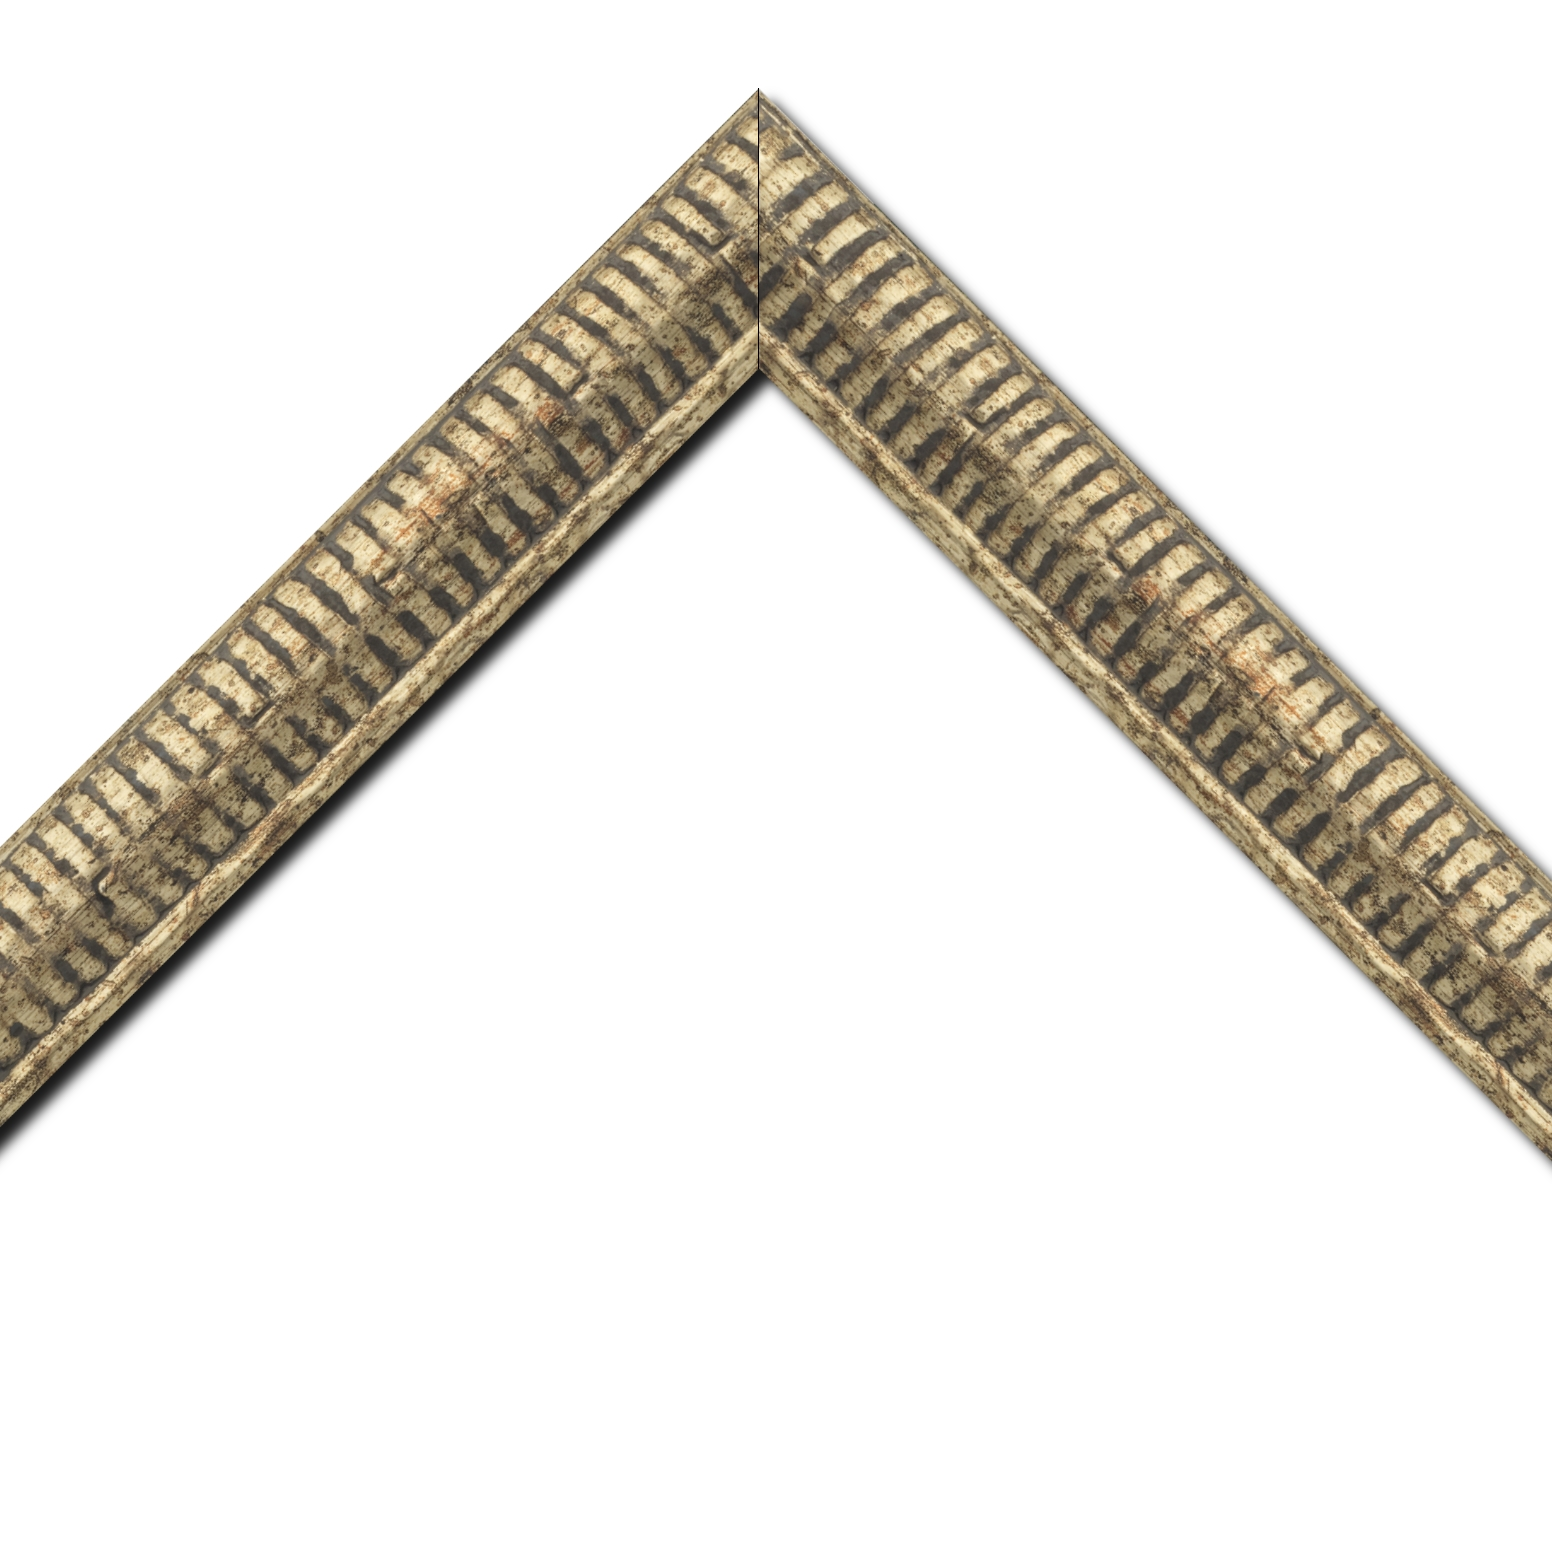 Baguette bois profil arrondi largeur 4.8cm couleur or noirci décor bambou